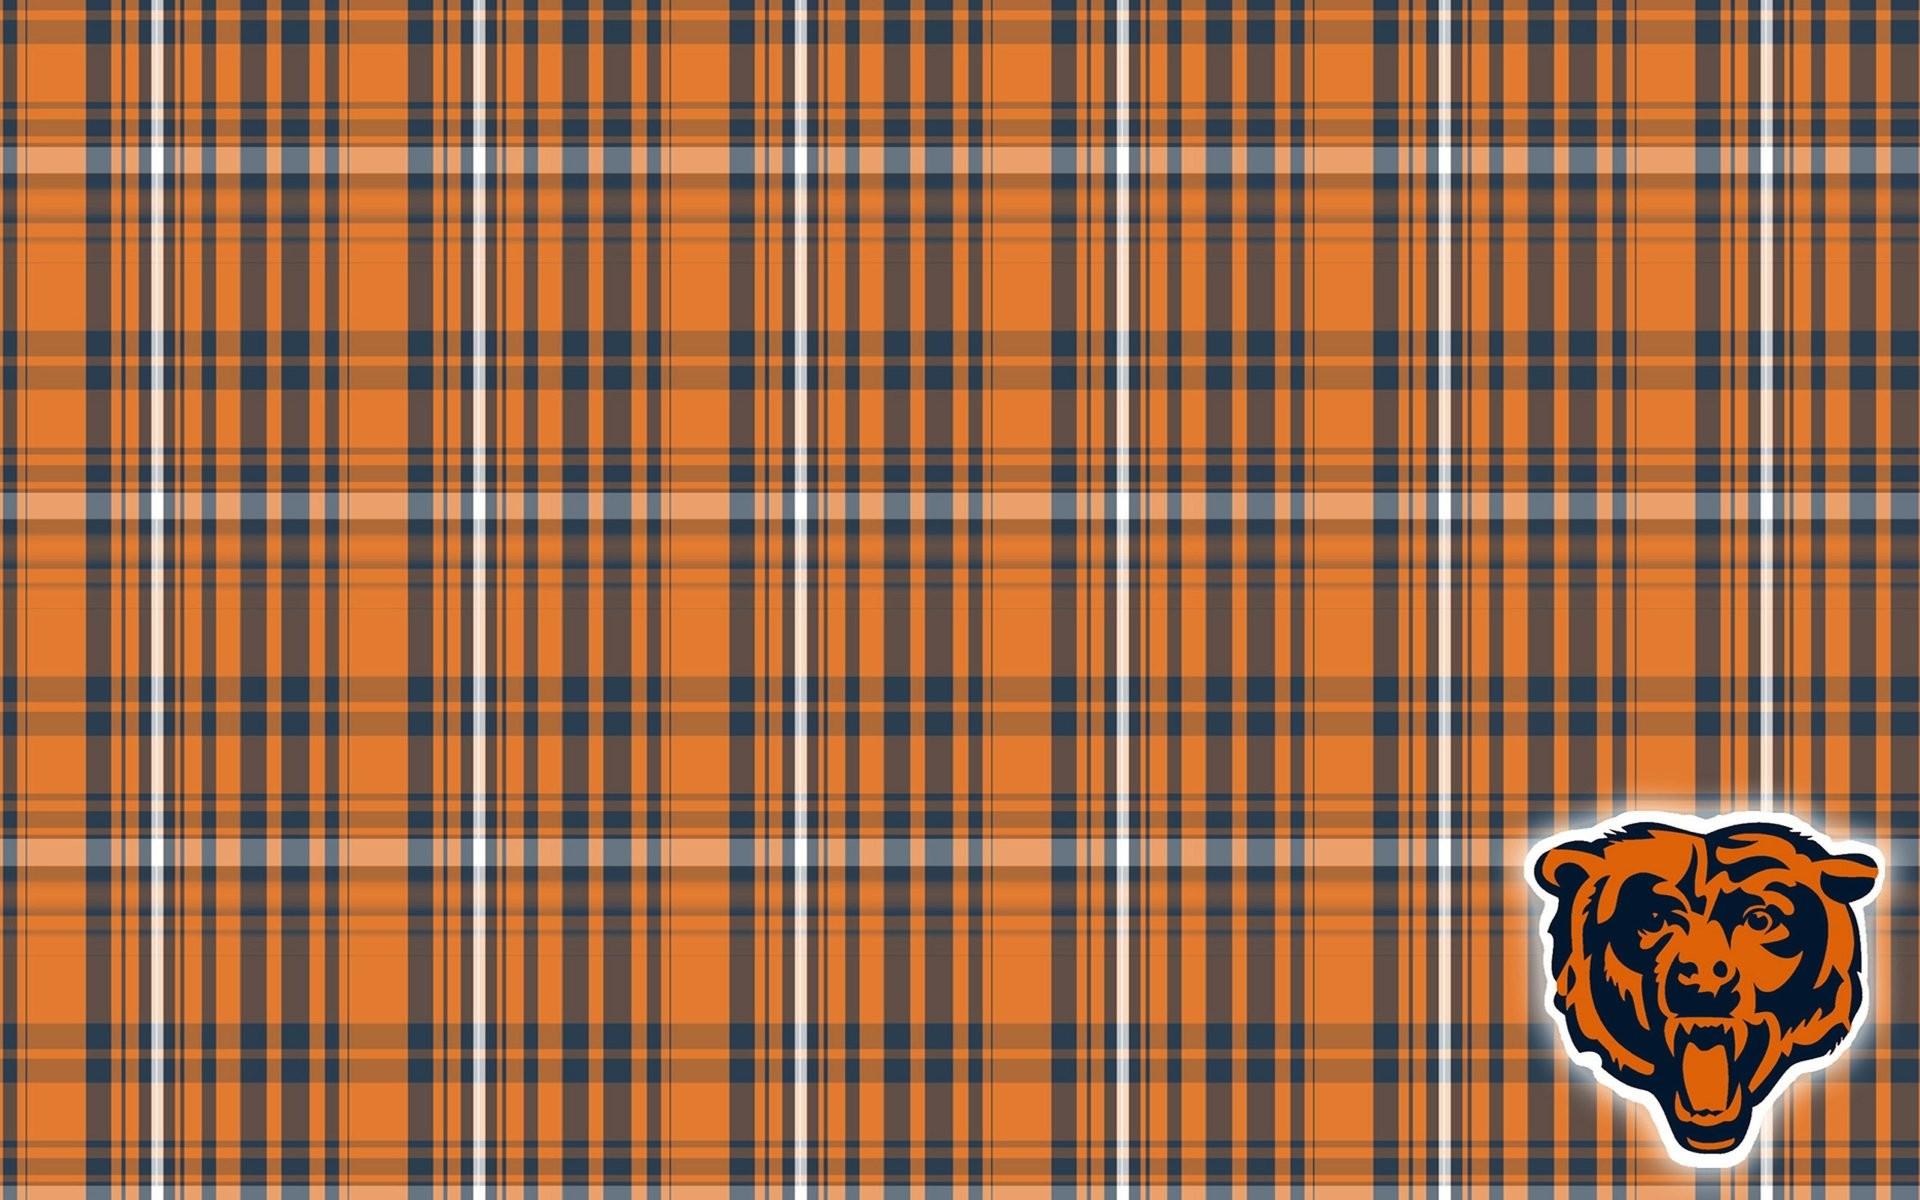 Chicago Bears Logo 726387